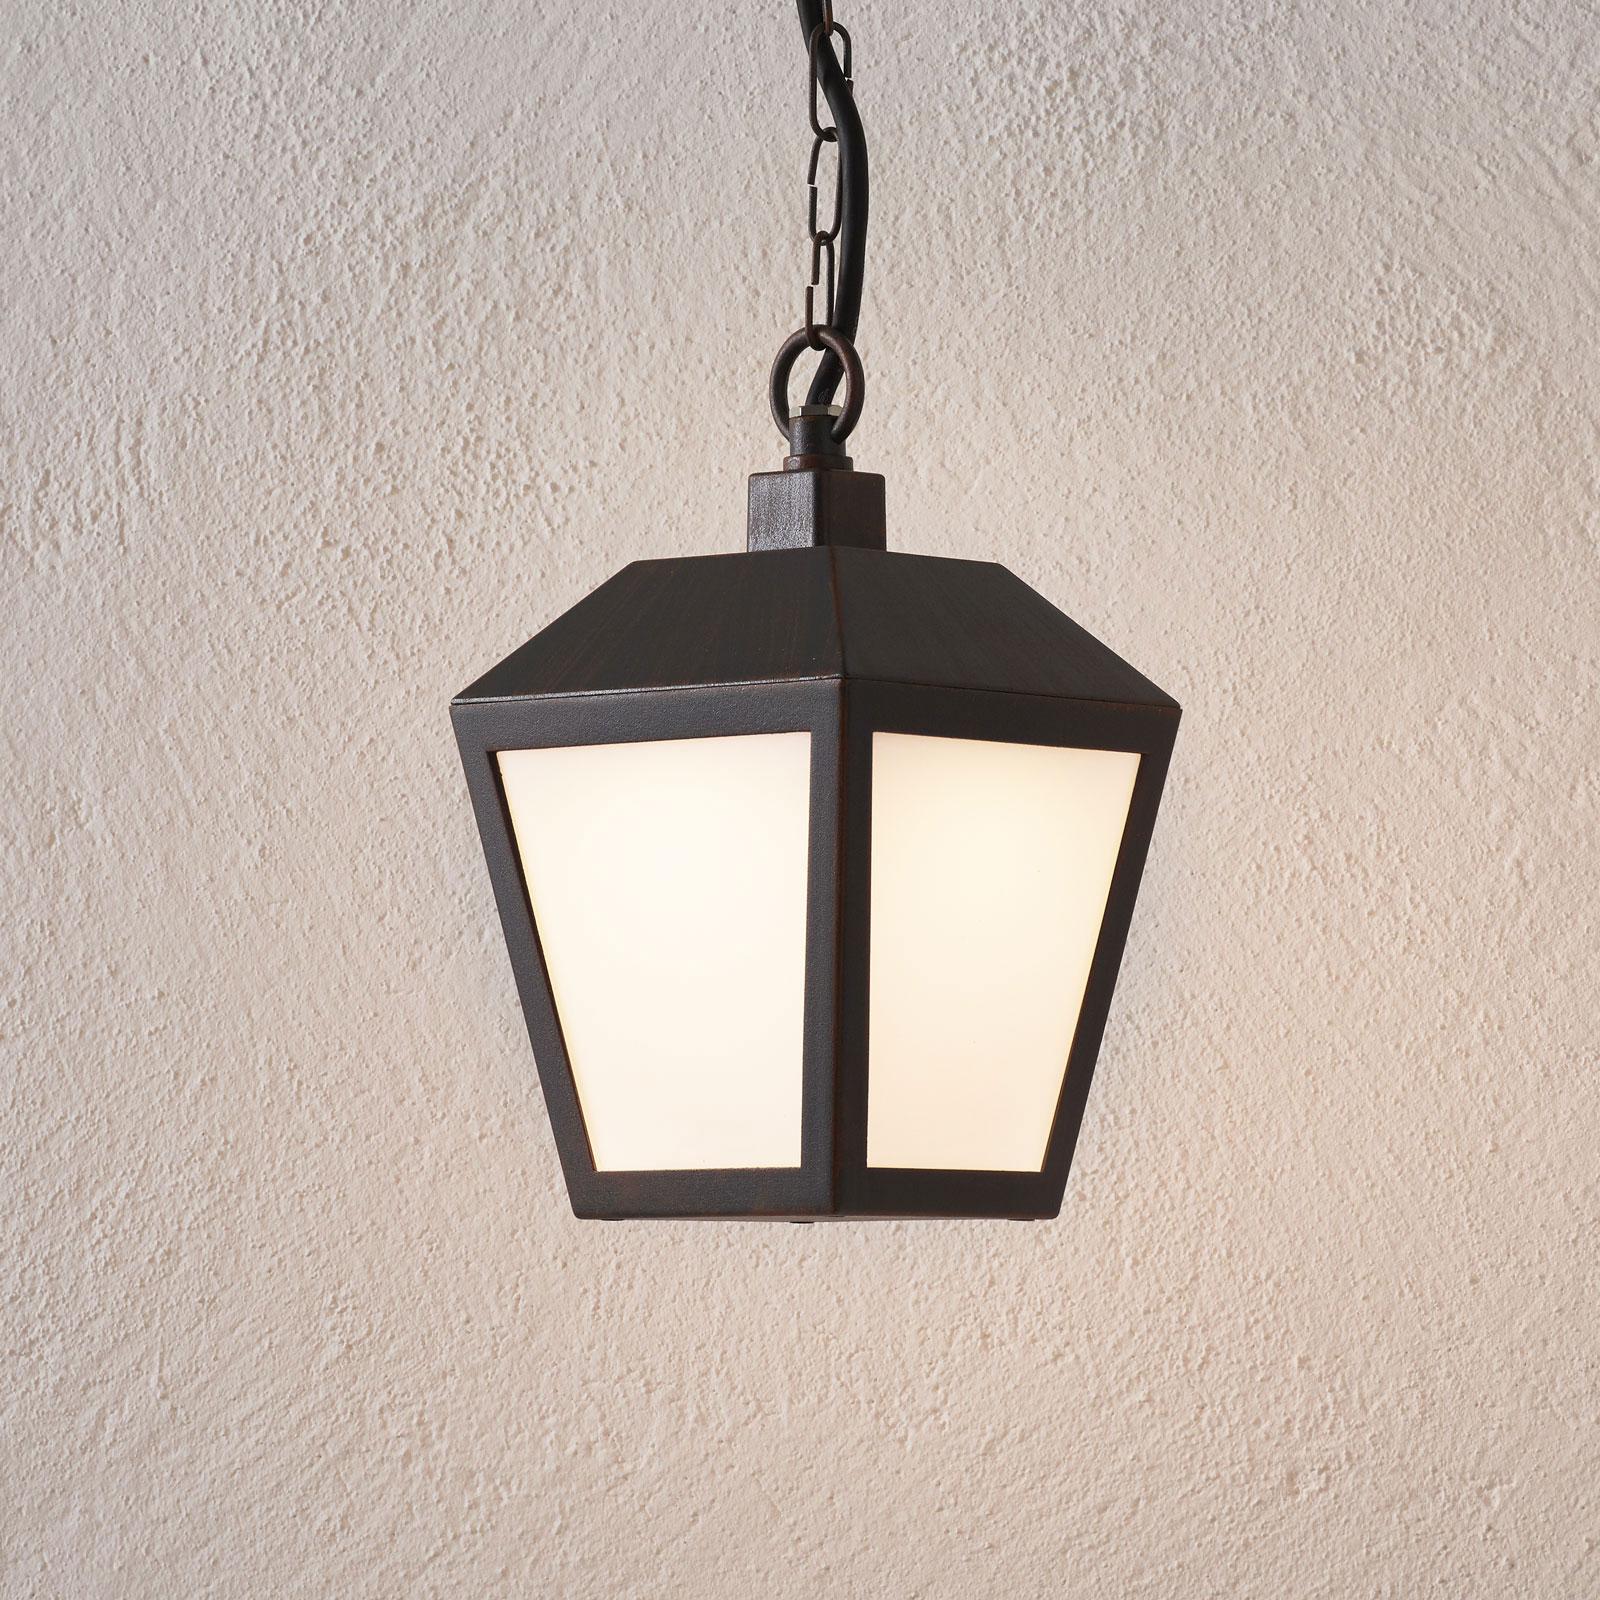 Suspension LED Bendix pour l'extérieur